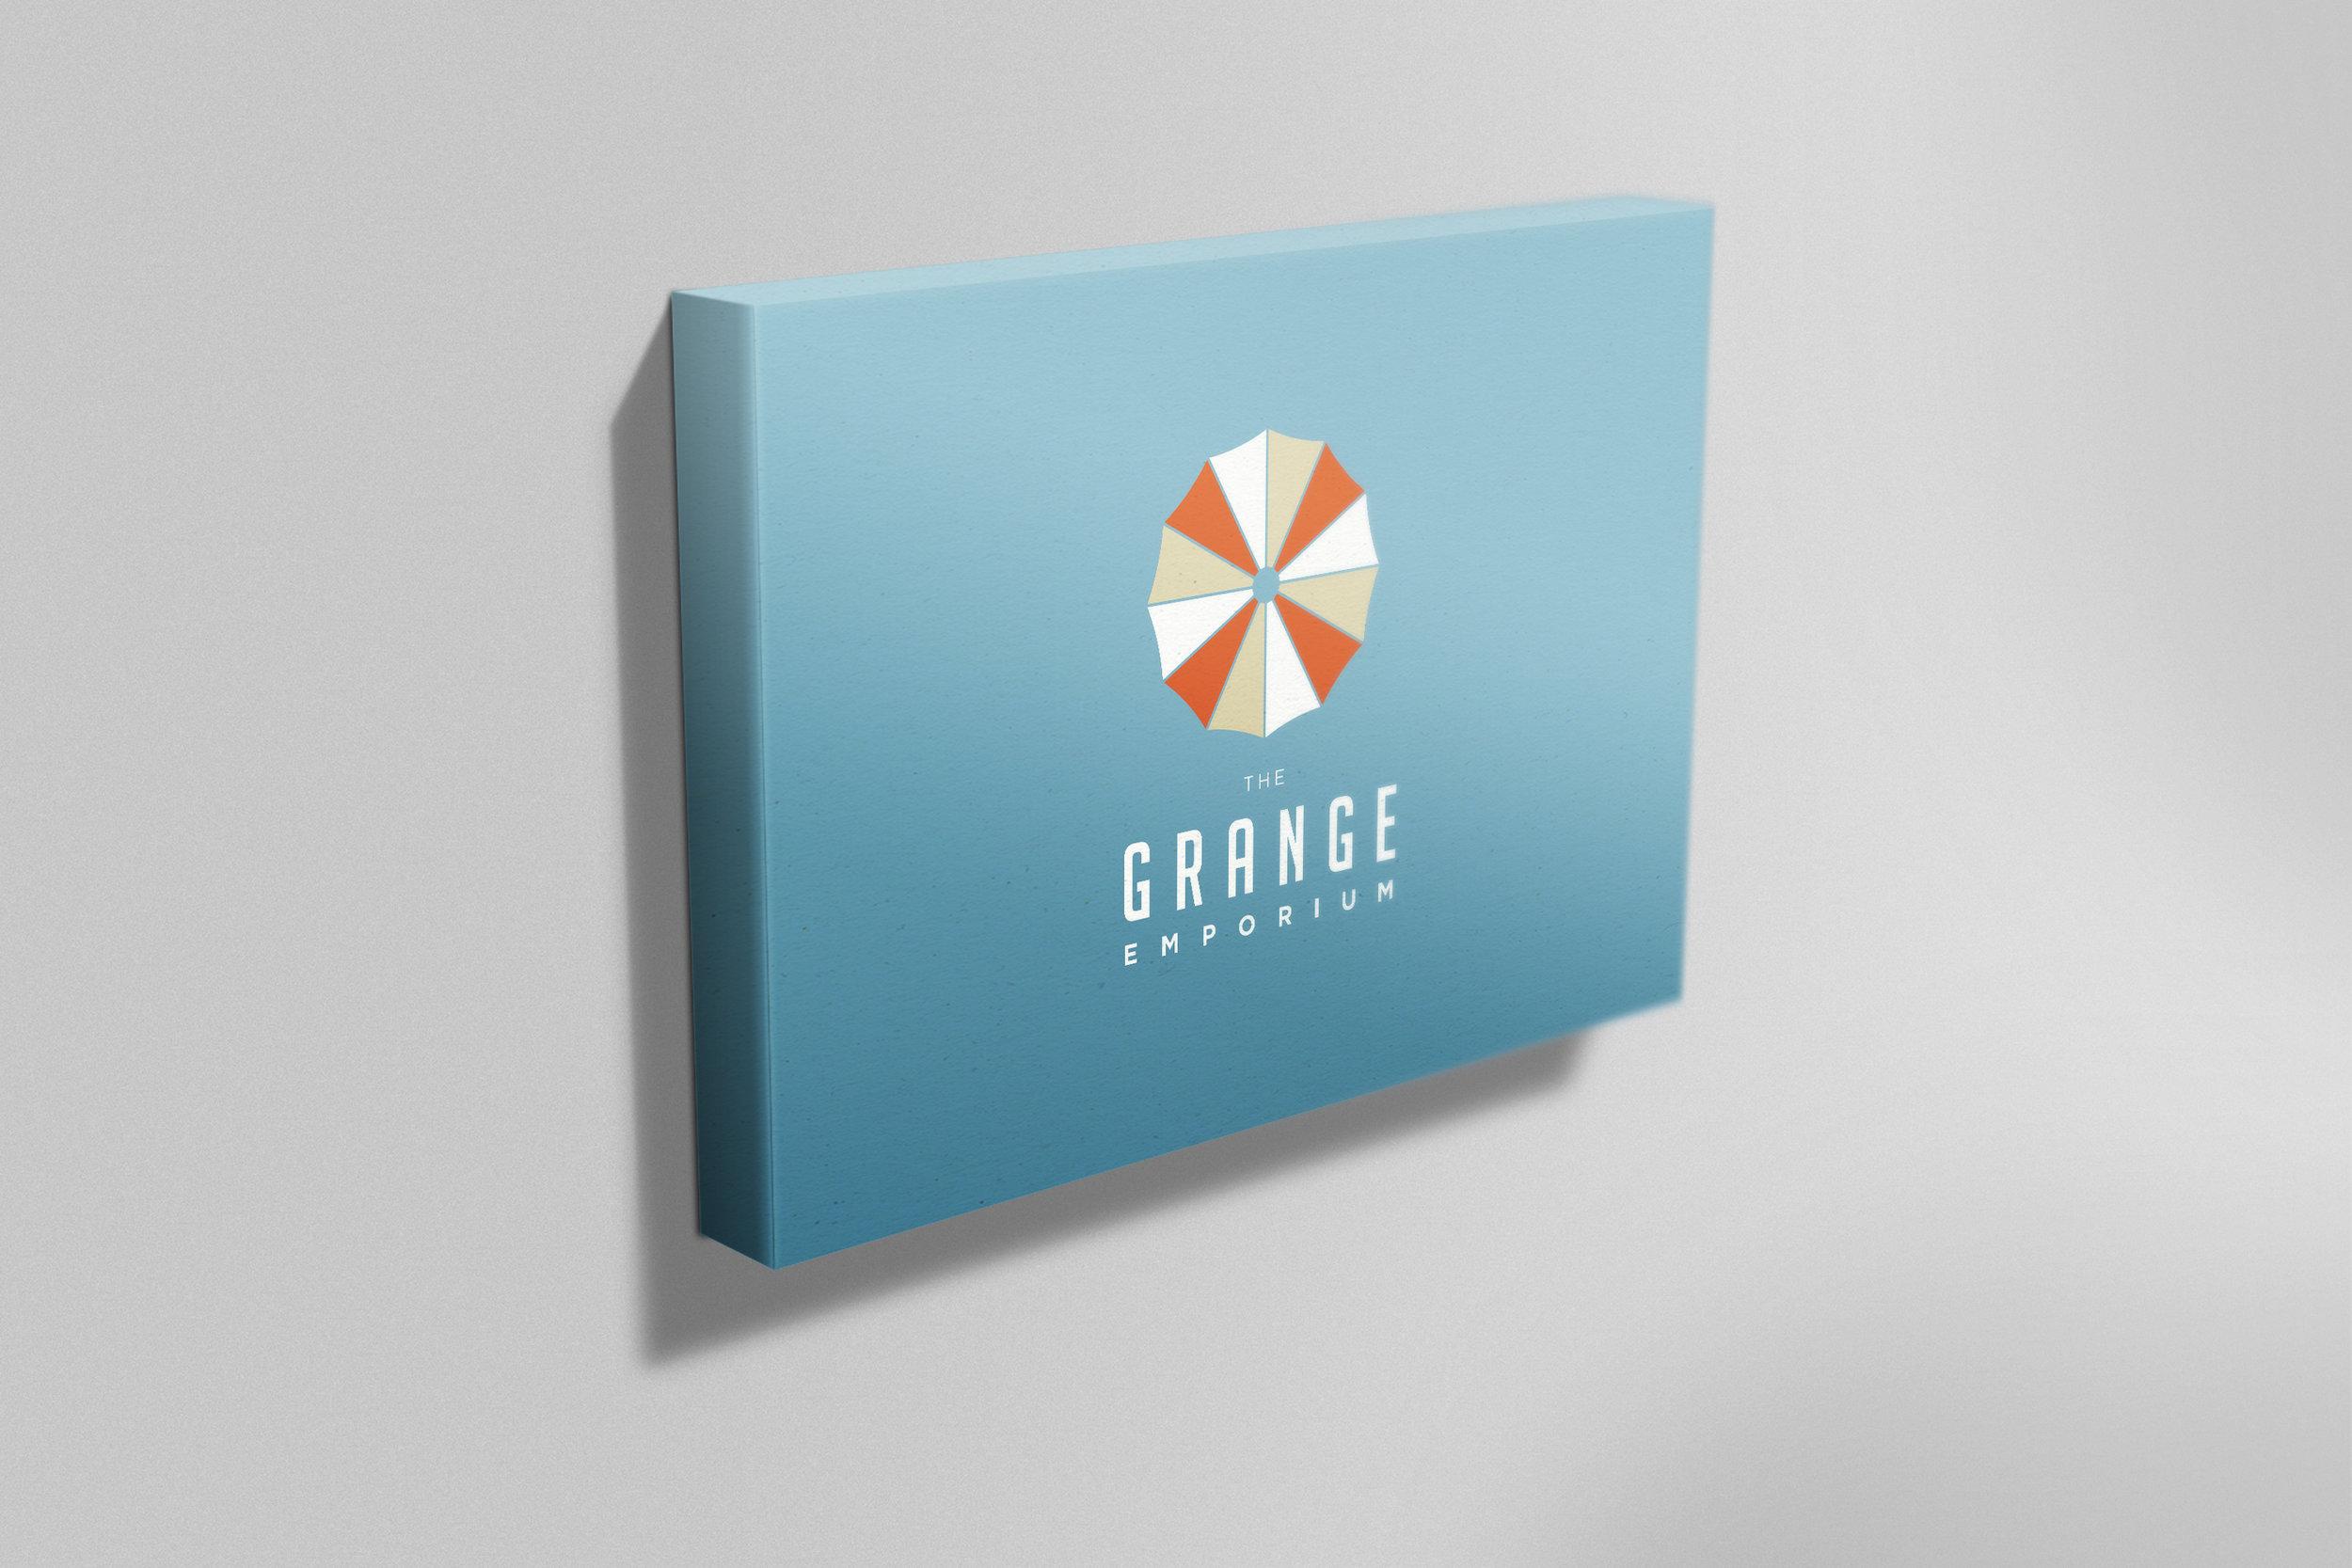 Grange_branding.jpg